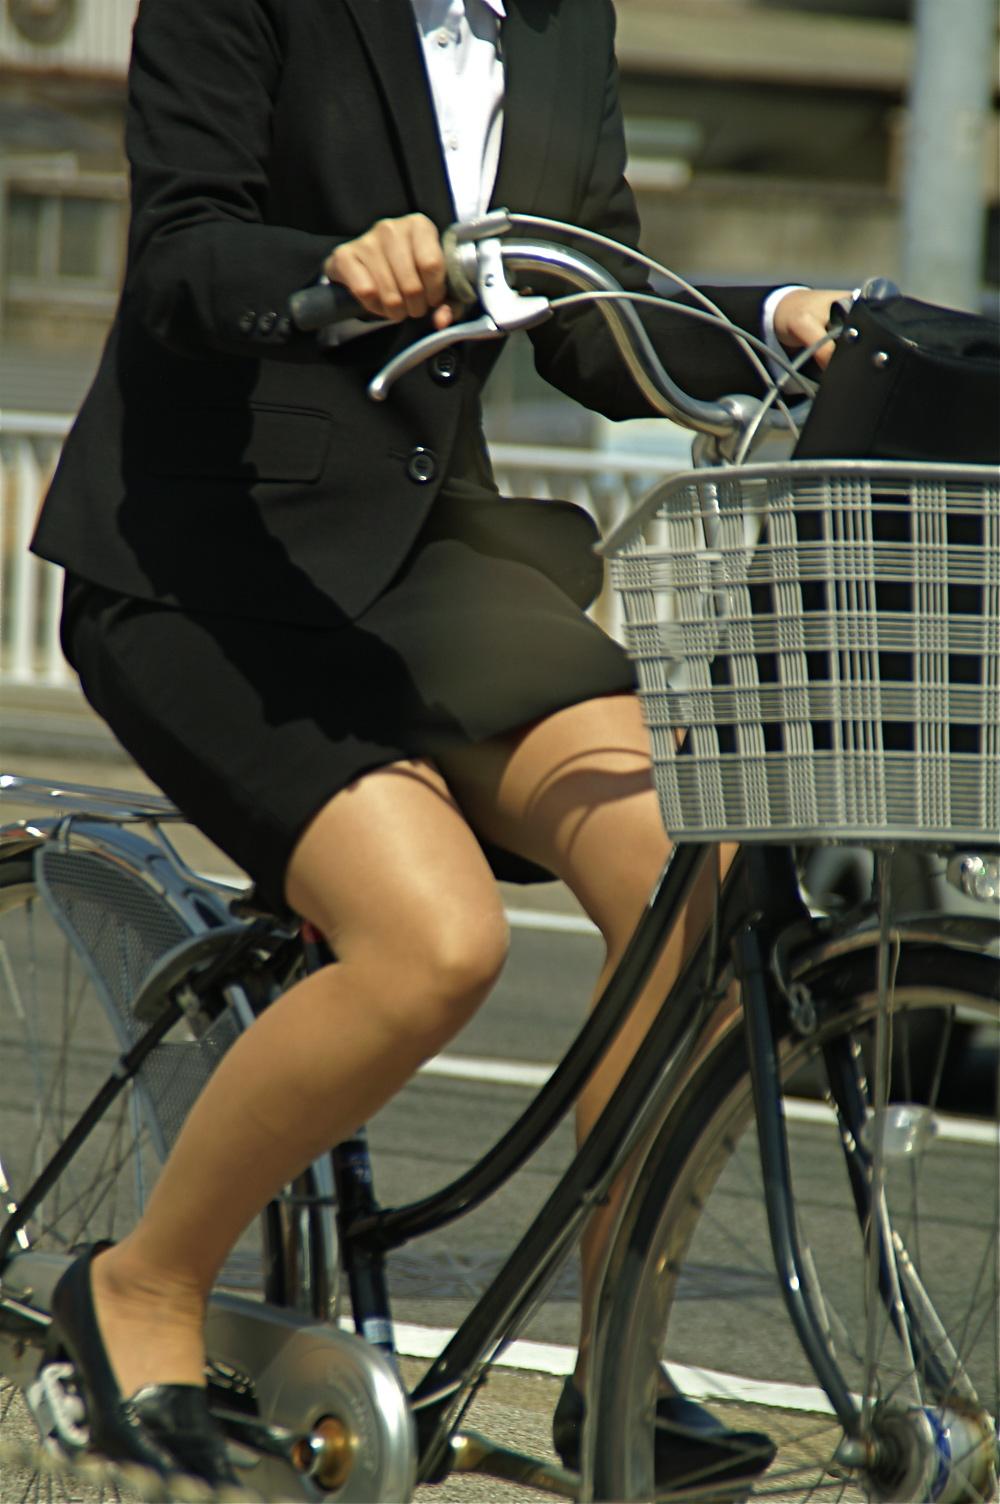 自転車リクスーOLのデルタパンチラ盗撮エロ画像15枚目